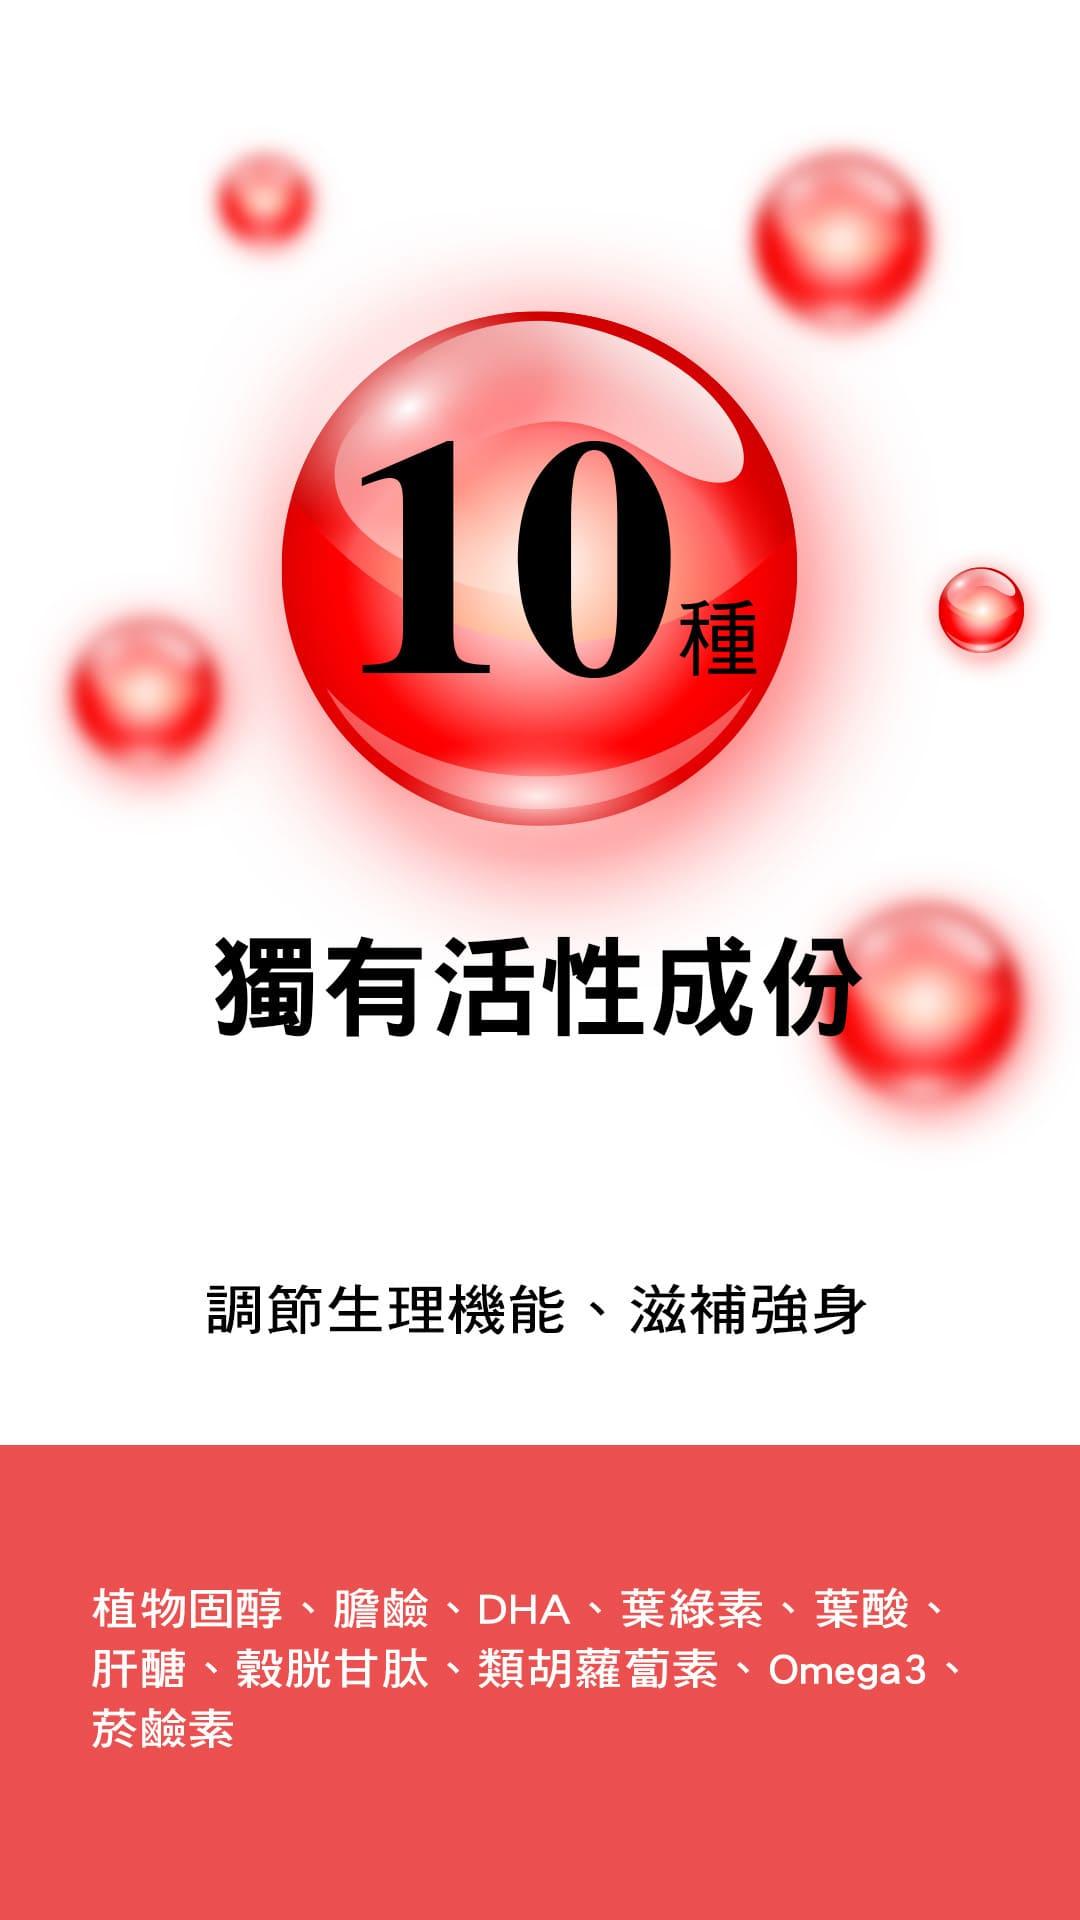 10.黃金蜆四大營養優勢、10種獨有活性成份